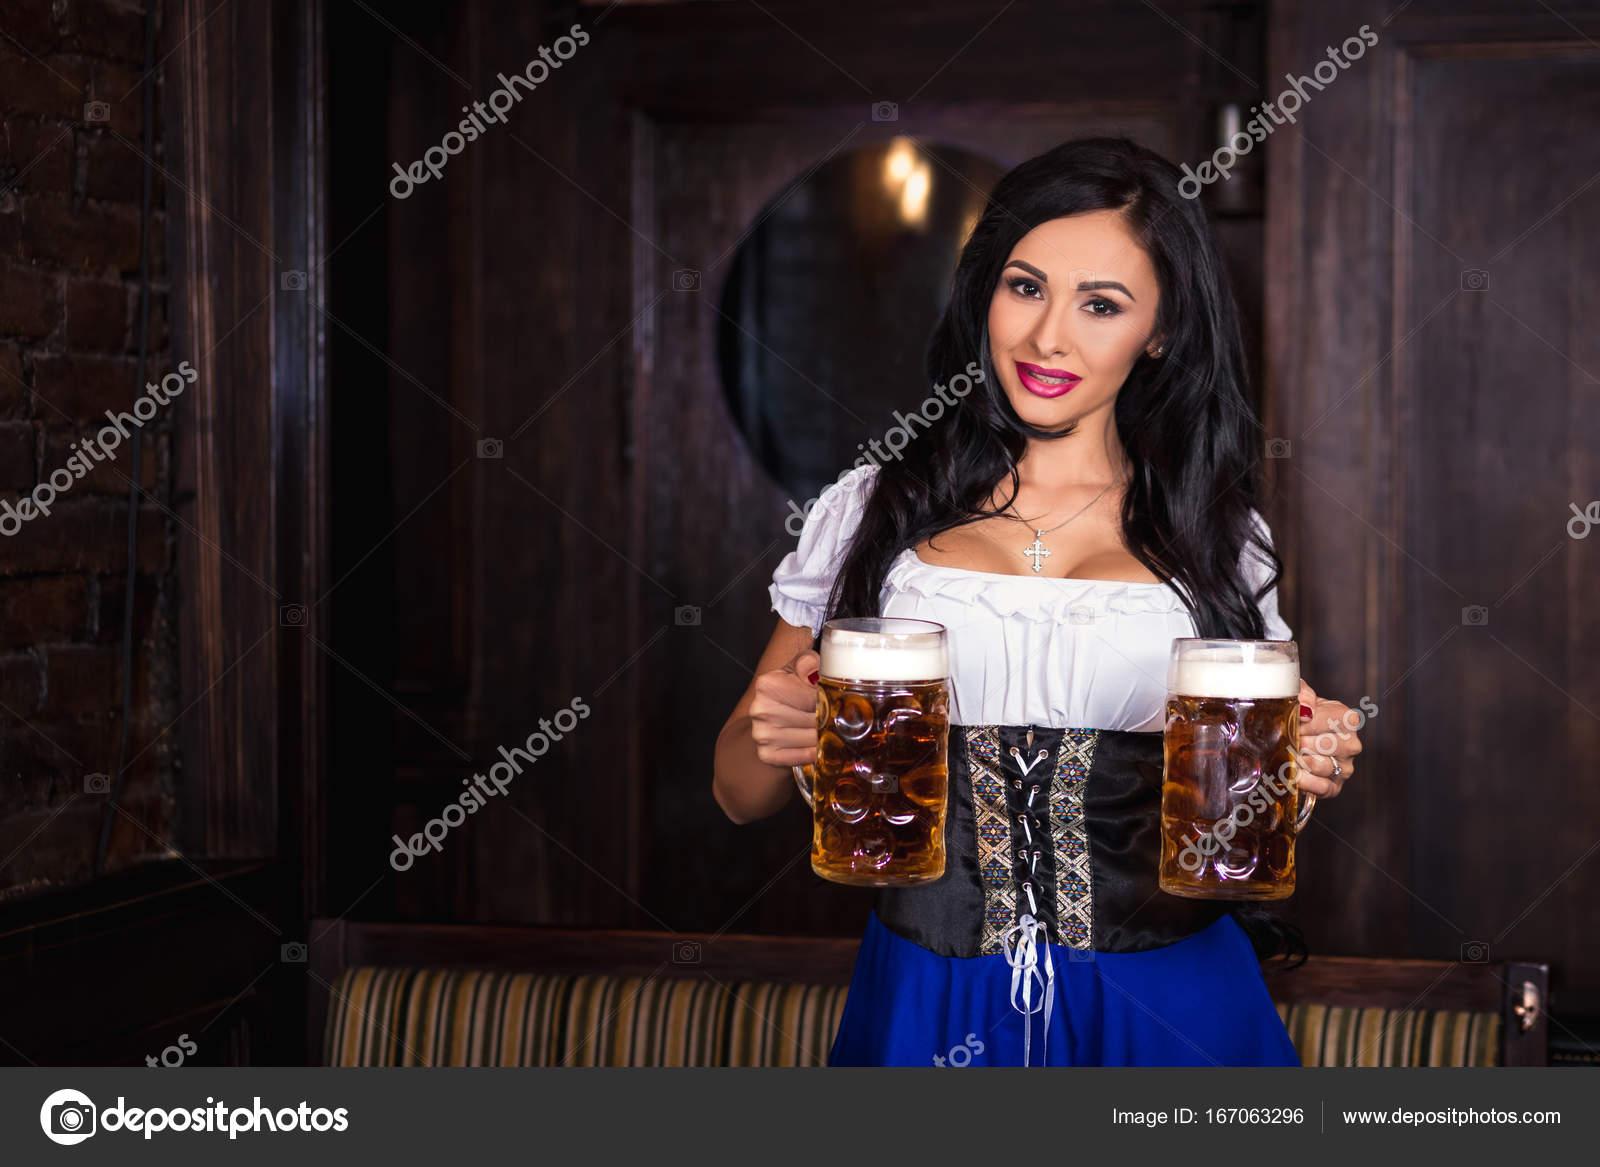 9c8f966ce0 Oktoberfest nő visel egy hagyományos bajor ruha Dirndli jelentenek egy  korsó sör a bárban — Stock